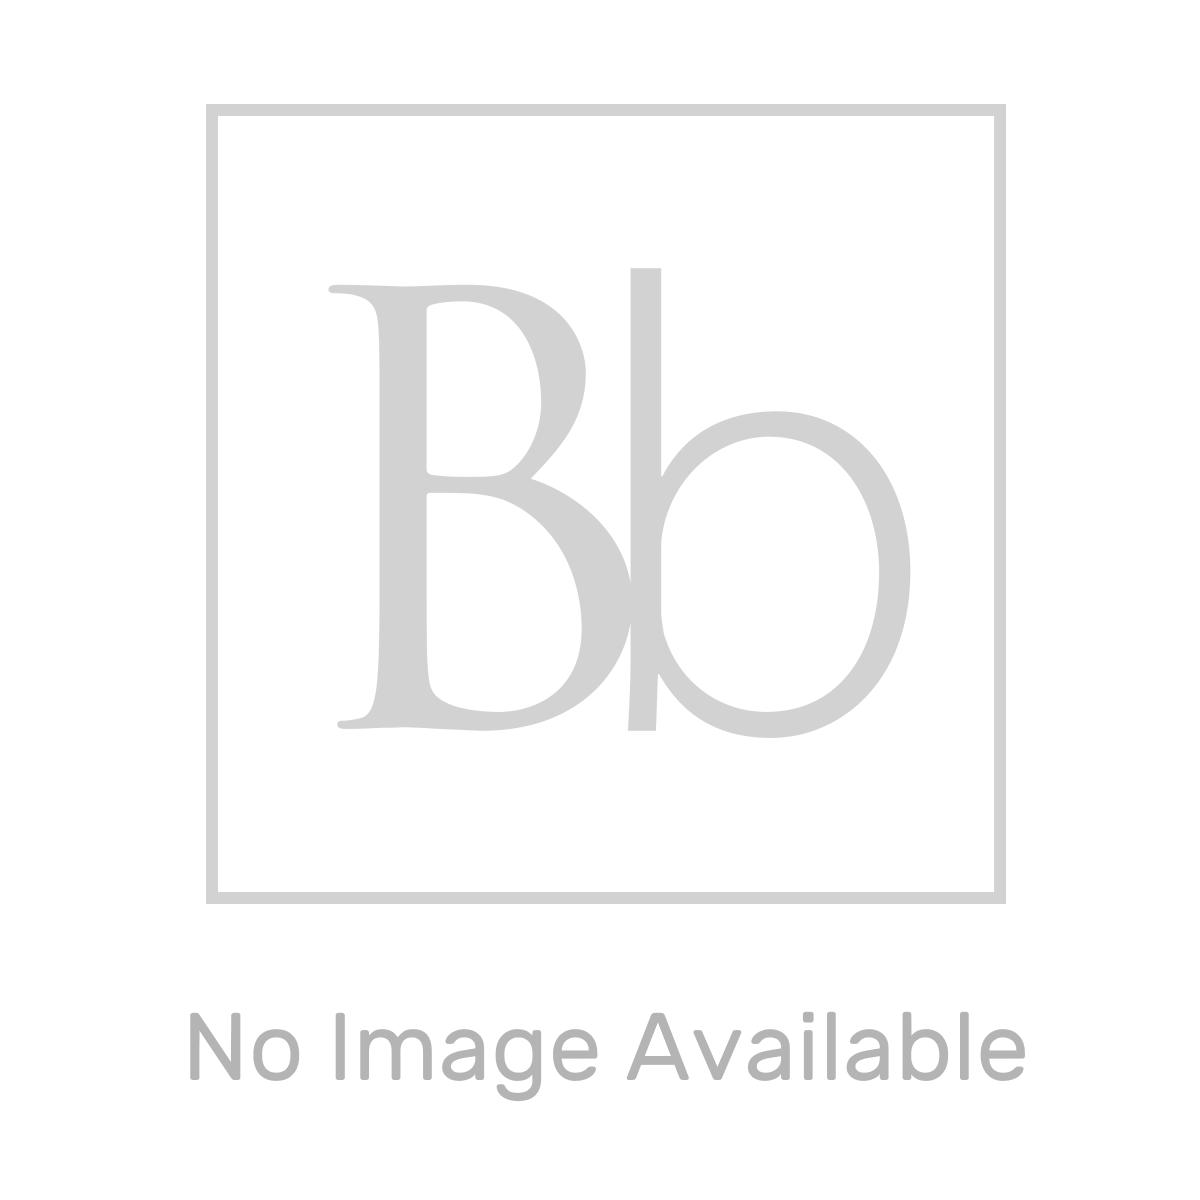 Aquadart Venturi 8 Single Door Offset Quadrant Shower Enclosure